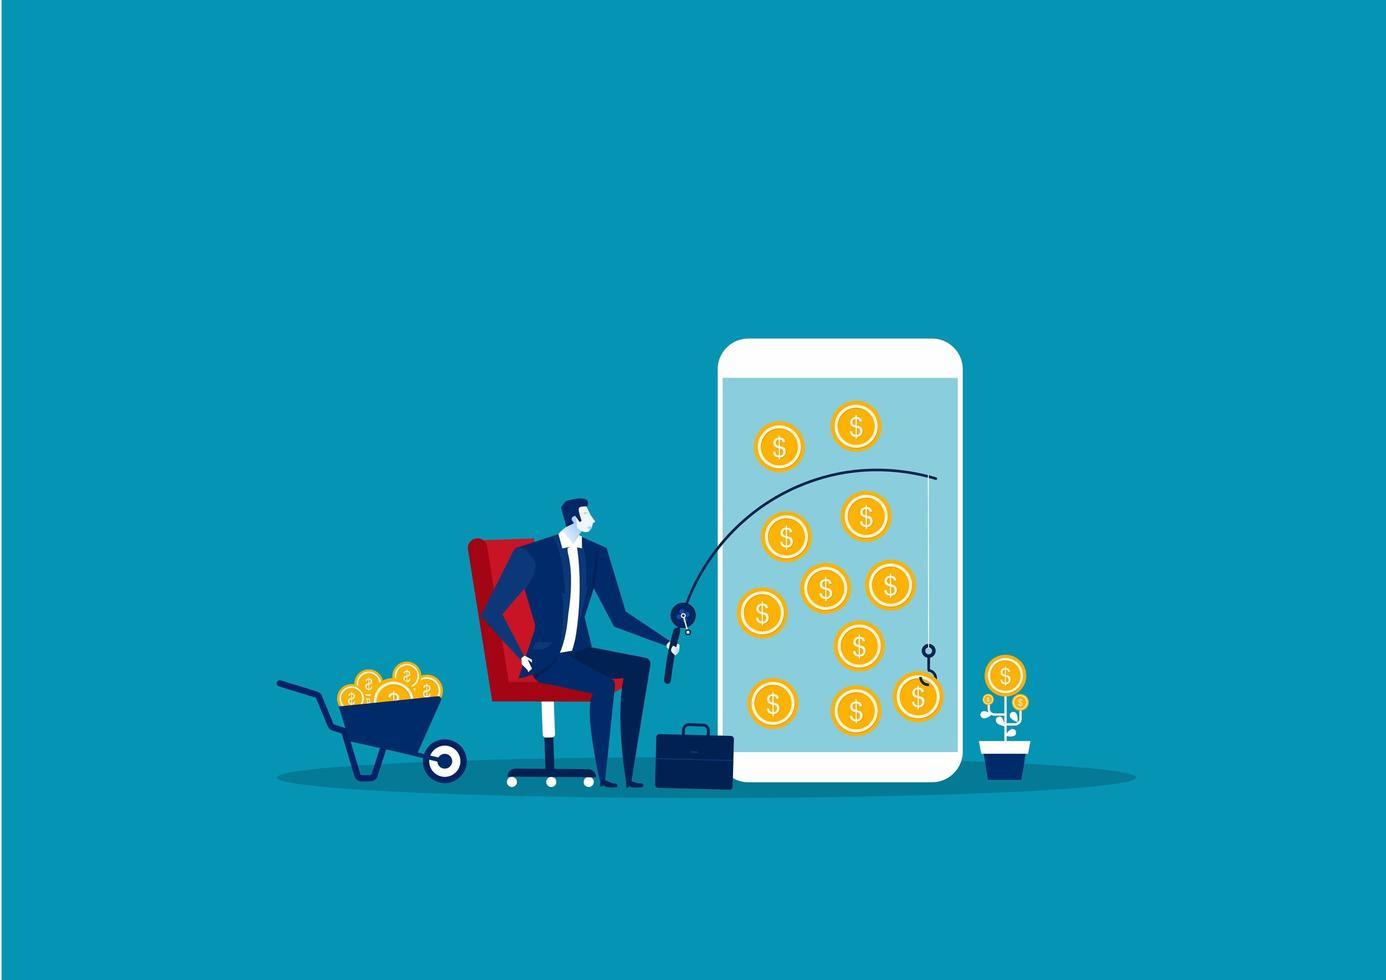 Geschäftsmann, der Geld auf Smartphone fischt vektor